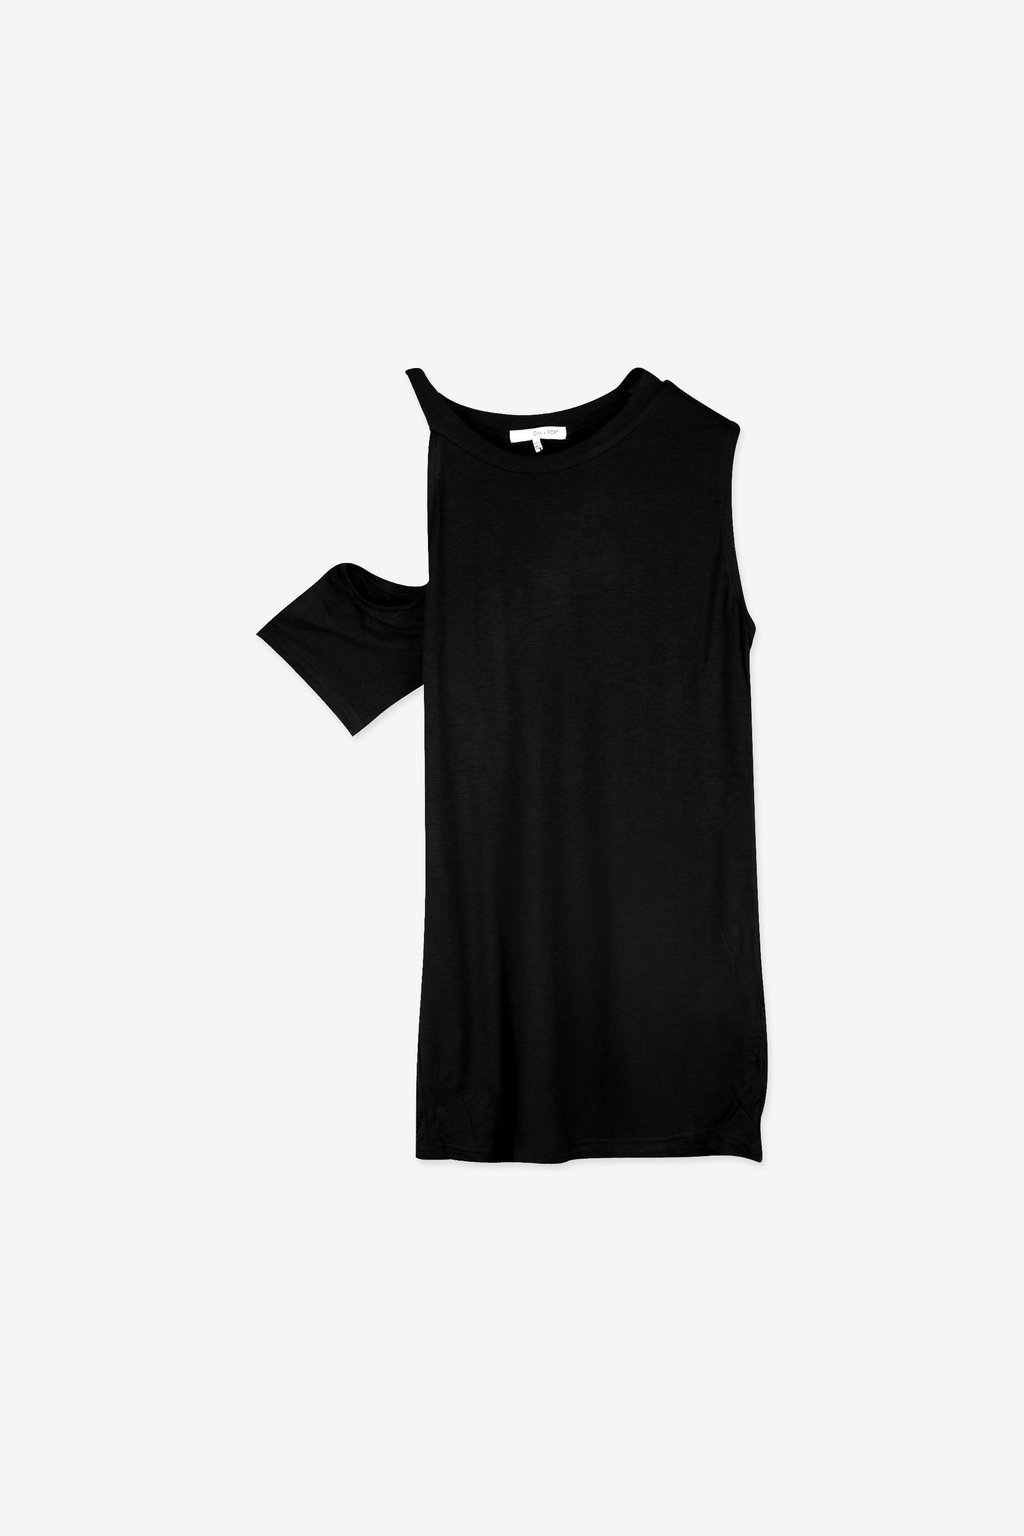 TShirt H202 Black 5